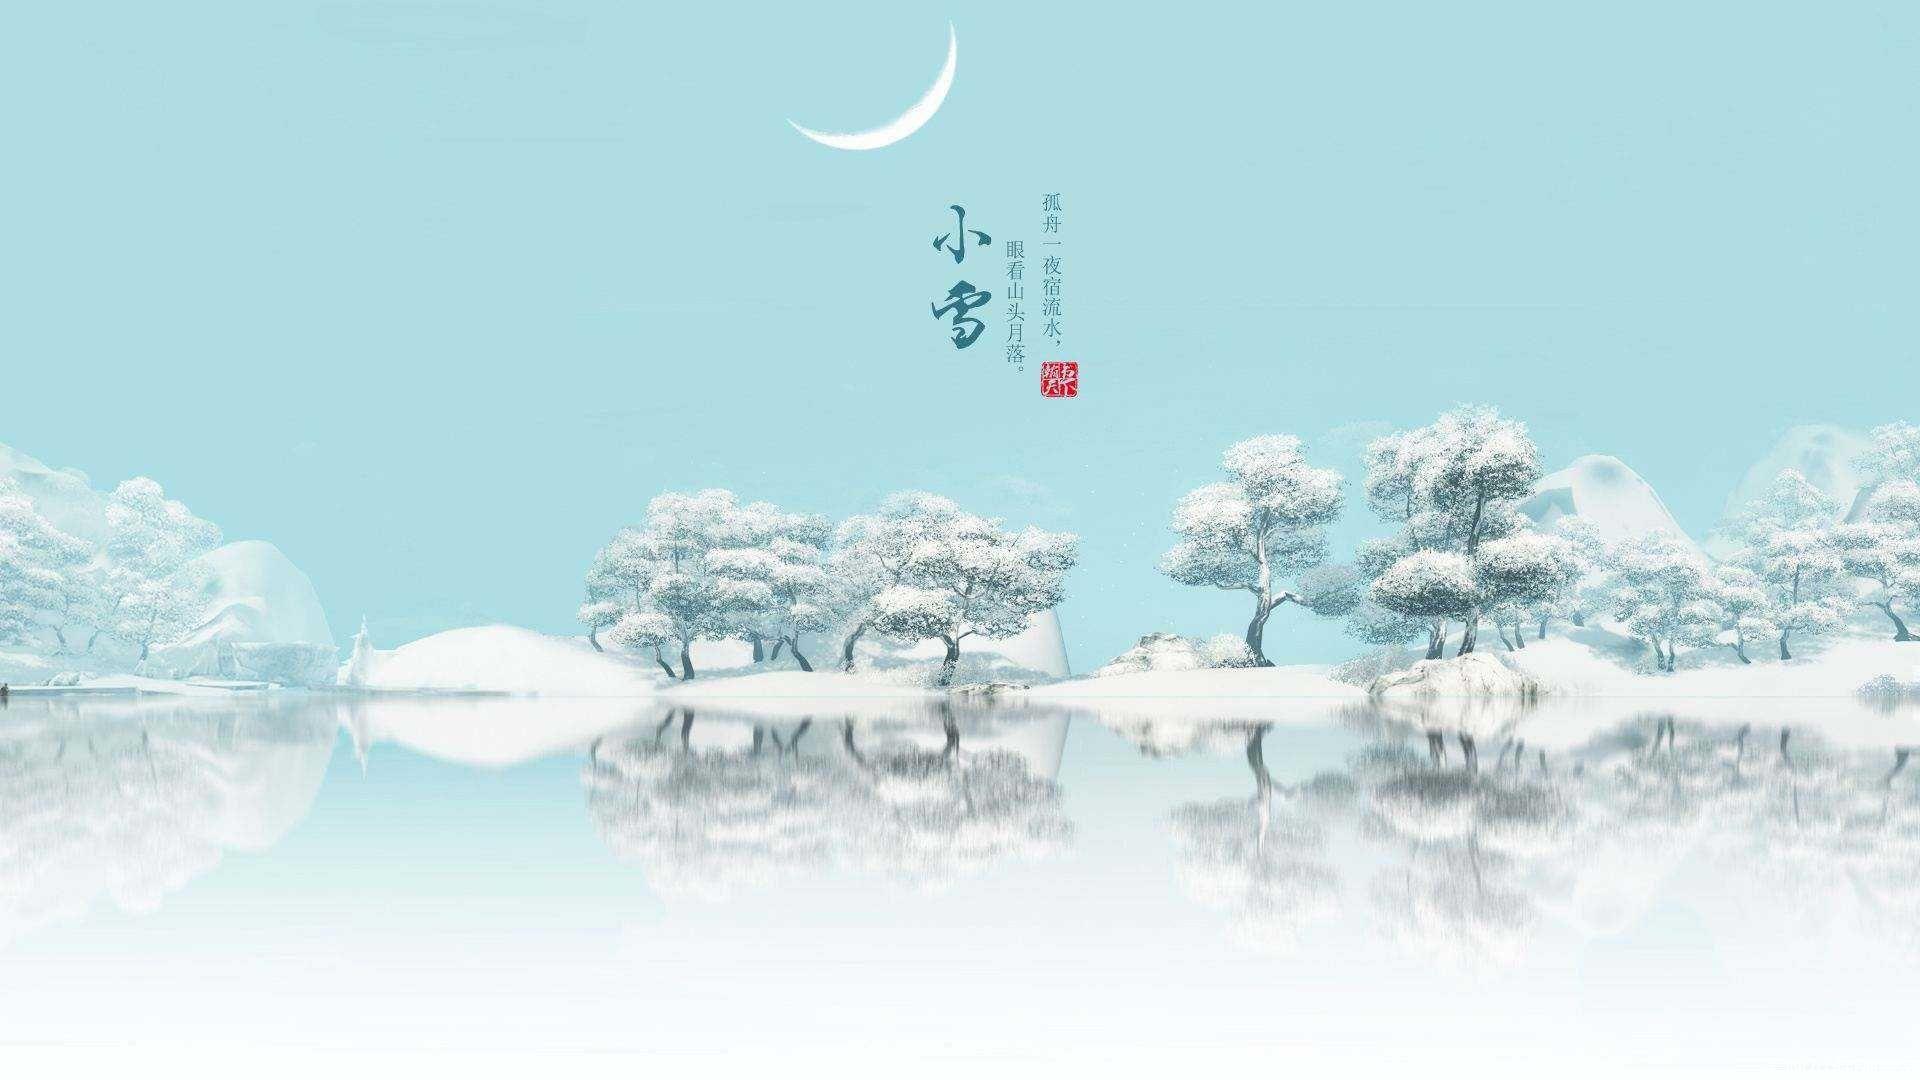 小雪至 | 浪漫初雪,温情圣八礼